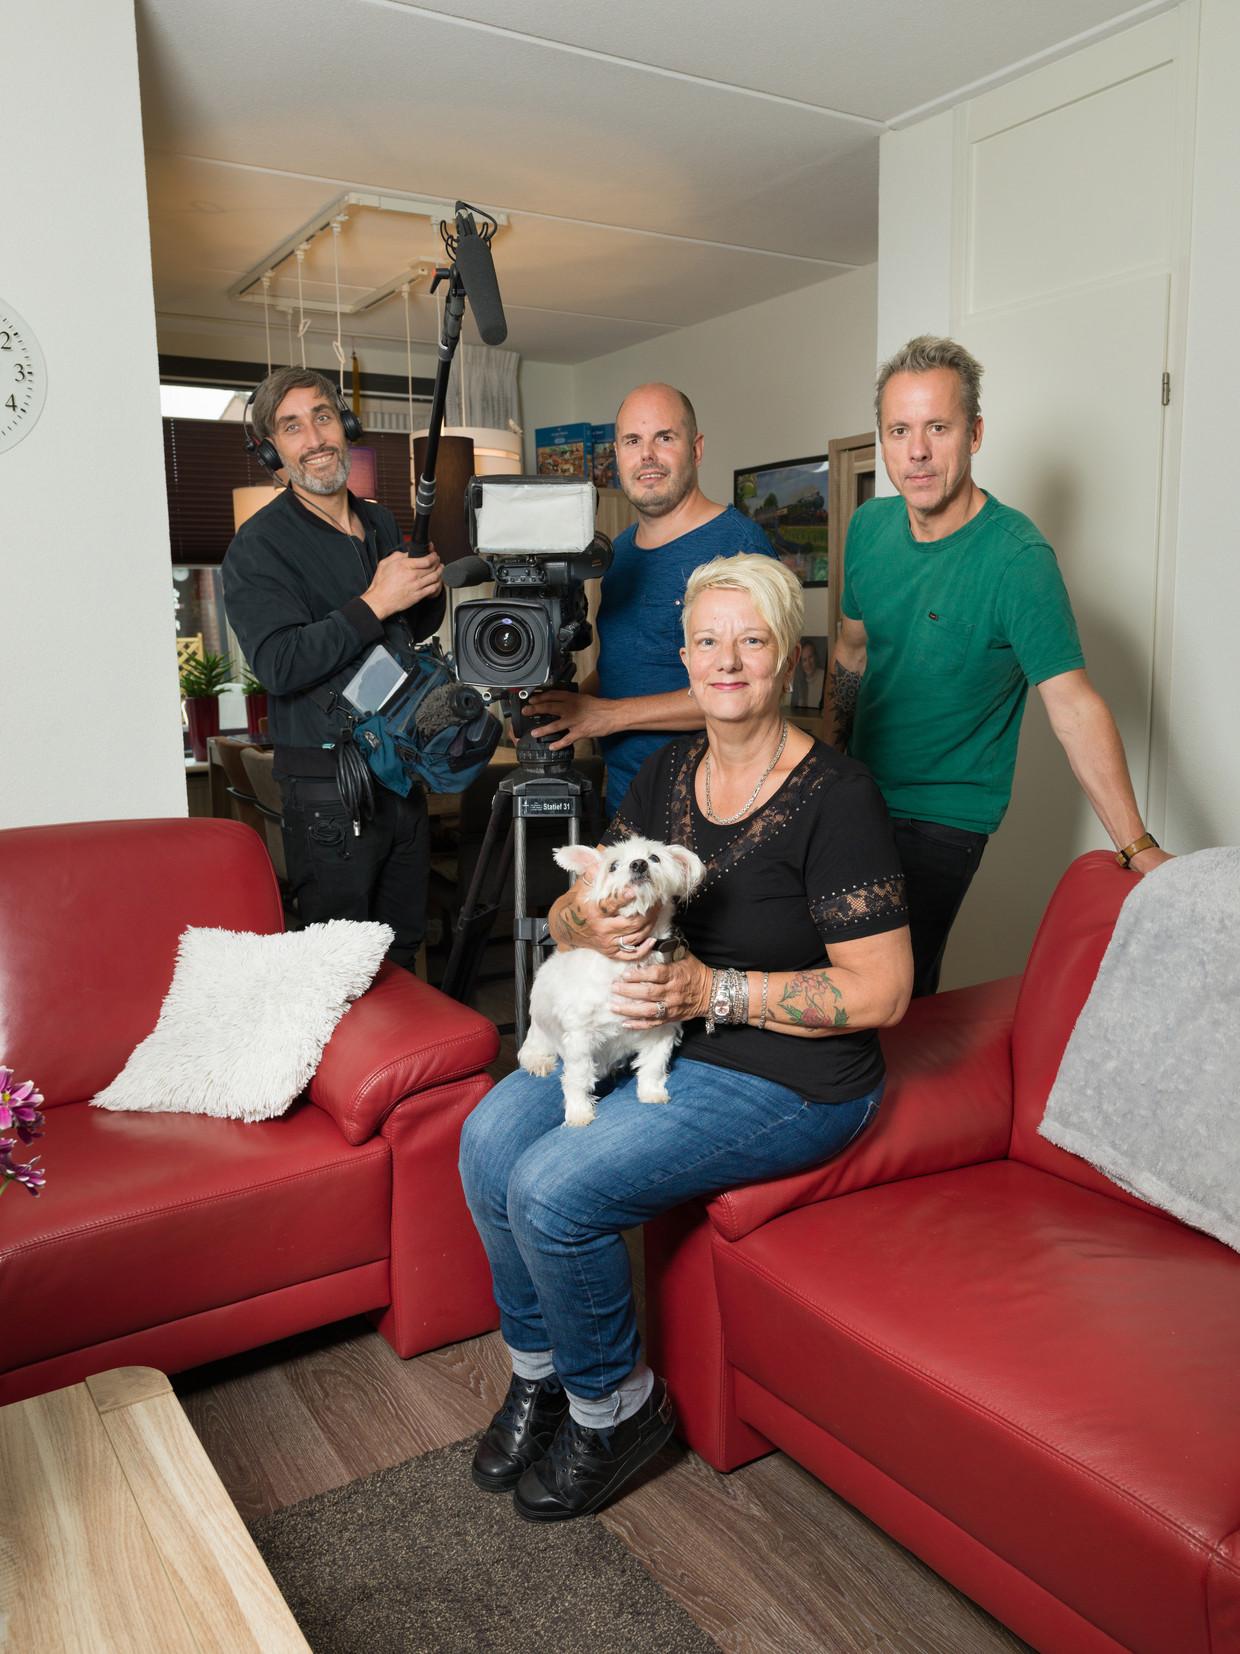 Het 'Man bijt hond'-team met dierentolk Rita van Wijk. Beeld Ivo van der Bent